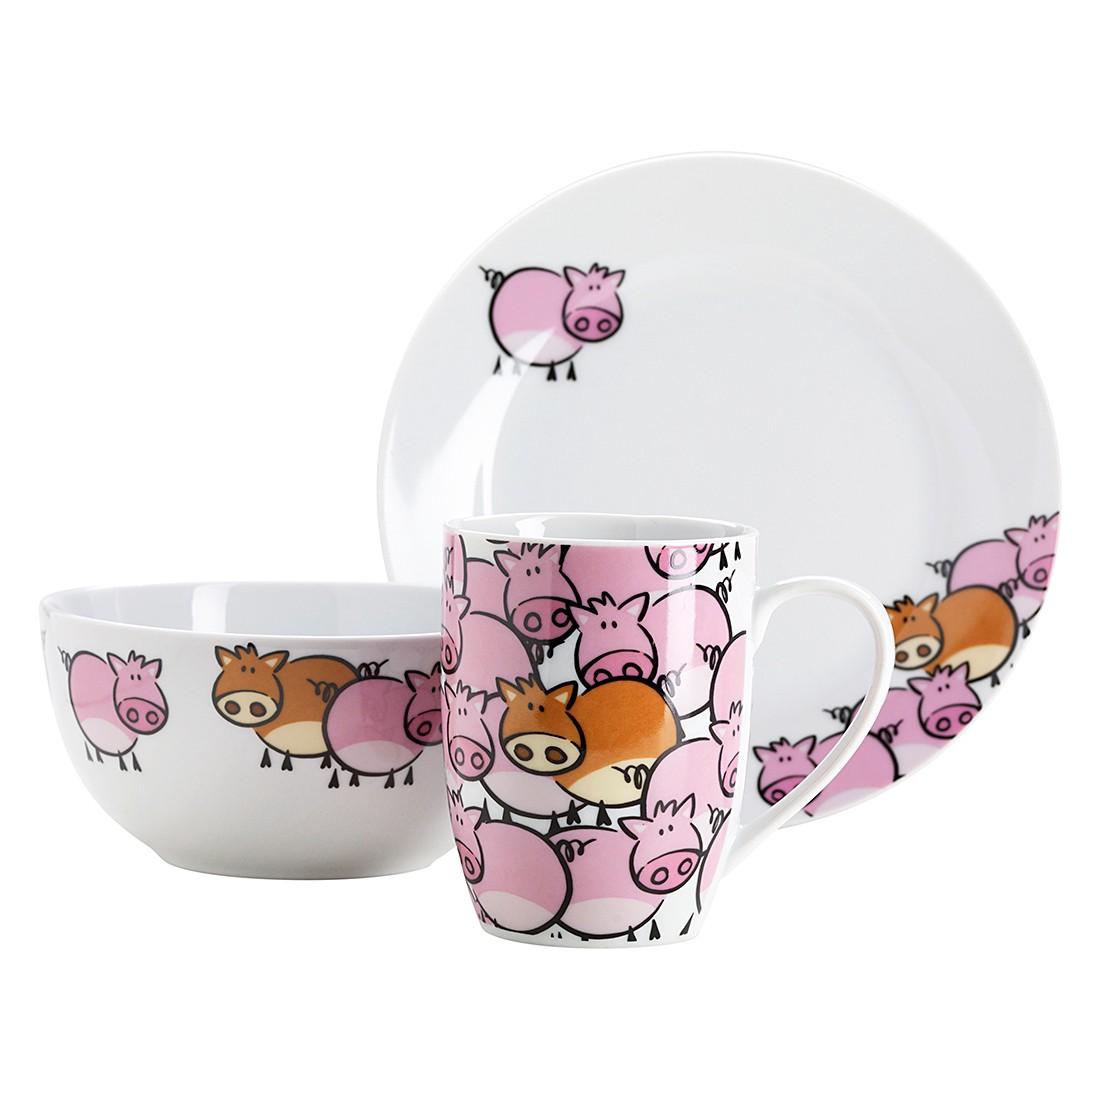 Frühstücksset Pink Pig (3-teilig), Mäser online kaufen